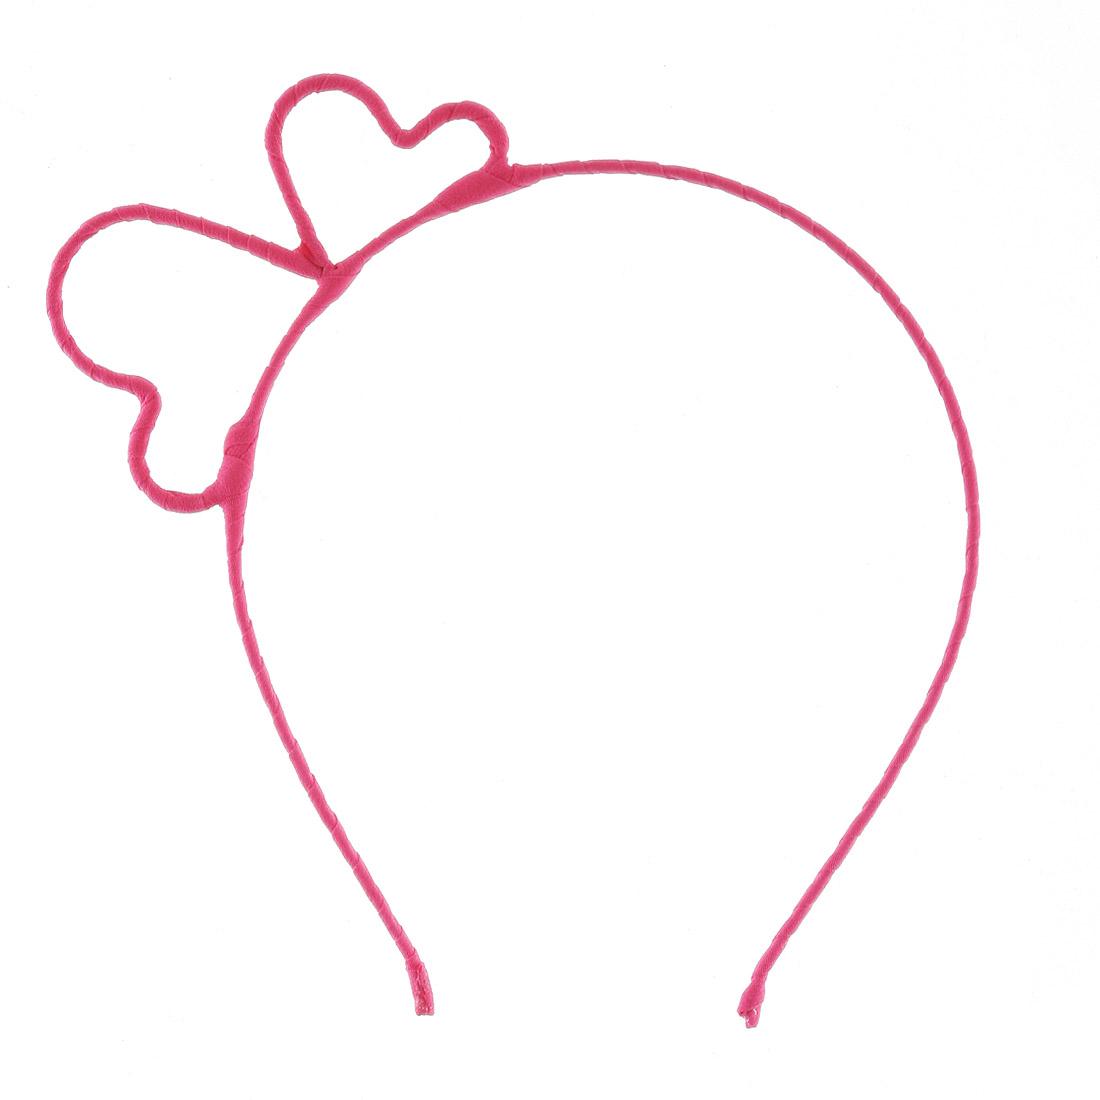 Headband clipart pink Media www clipart 1100x1100 Headband